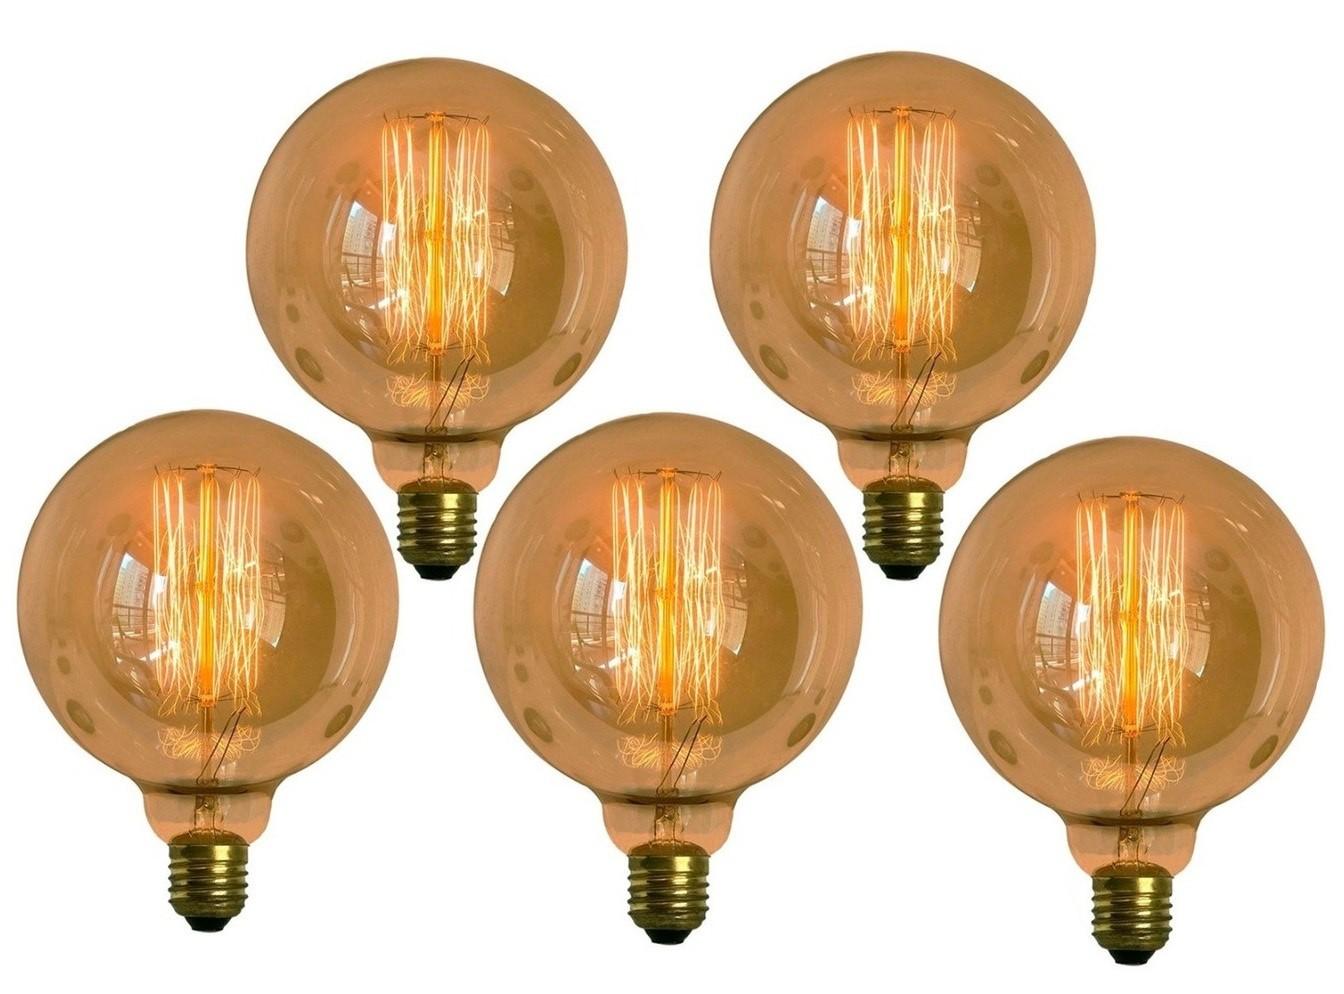 5 Lâmpadas Retro Decorativa Vintage Thomas Edison G125